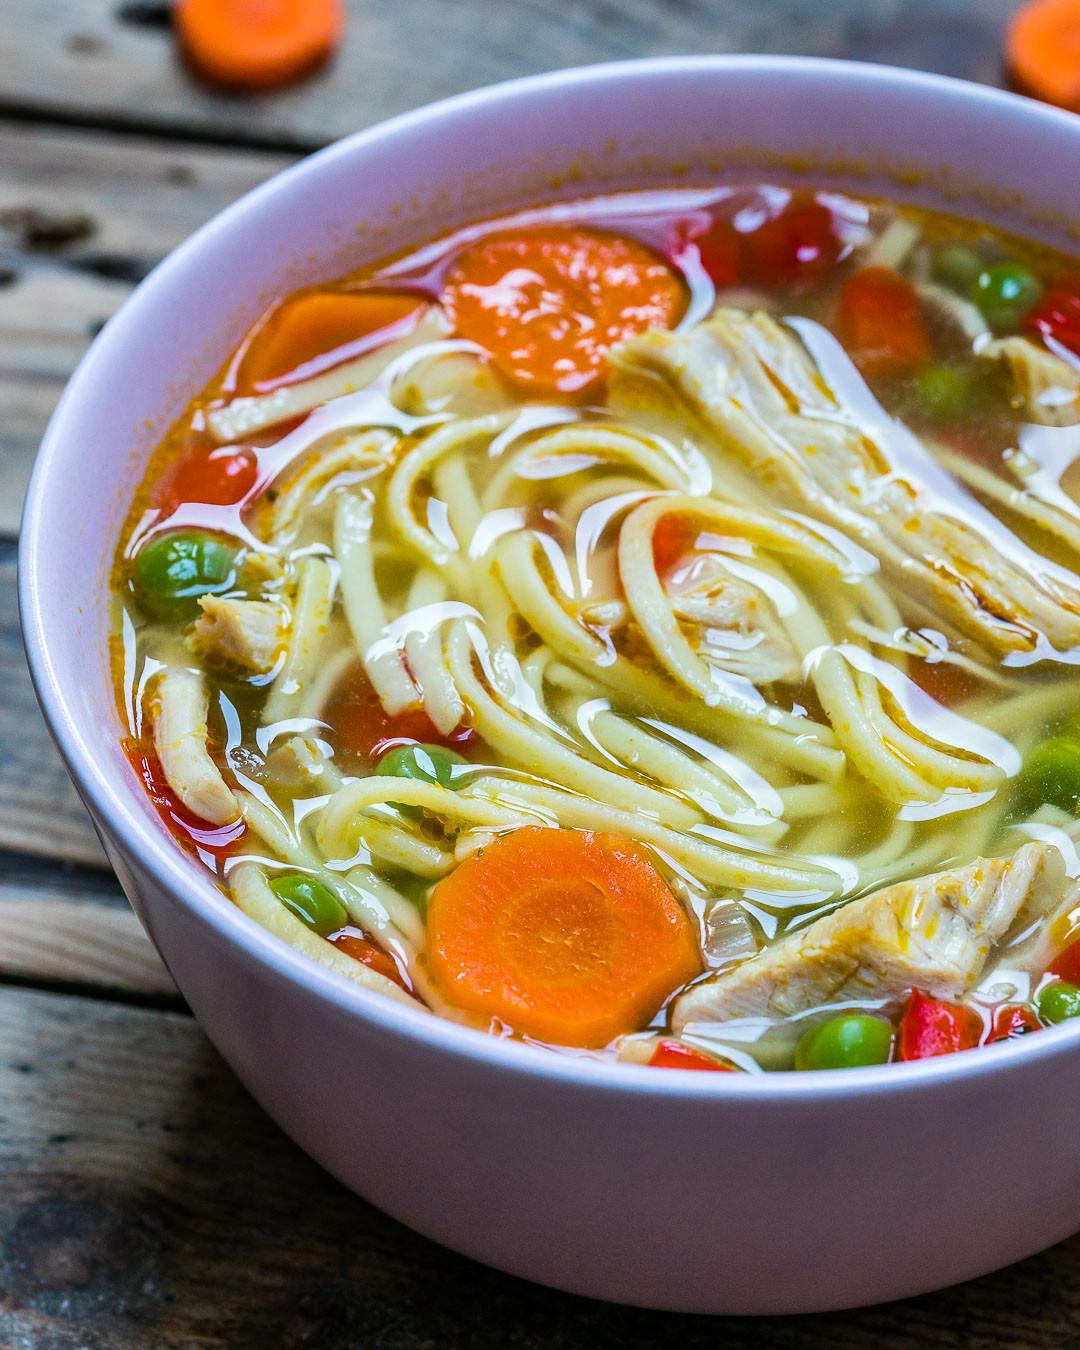 Best Turkey Soup  Leftover Turkey Noodle Soup An Easy Turkey Noodle Soup